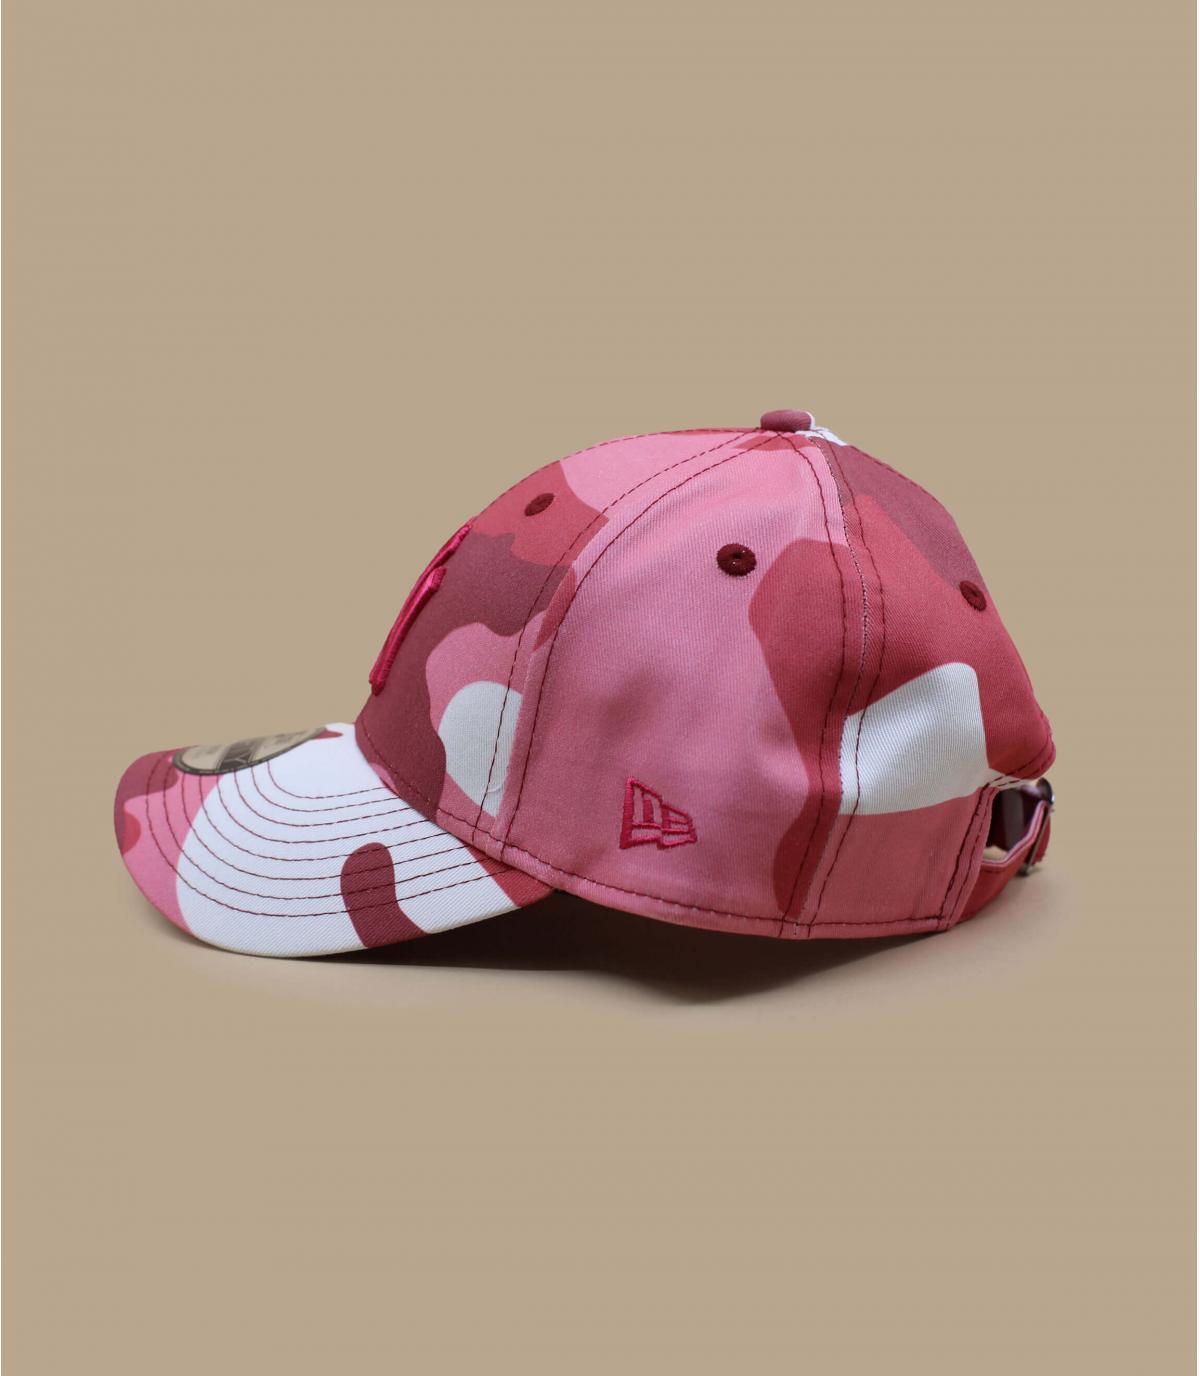 Détails Casquette Kids Camo Pack NY 940 pink - image 2